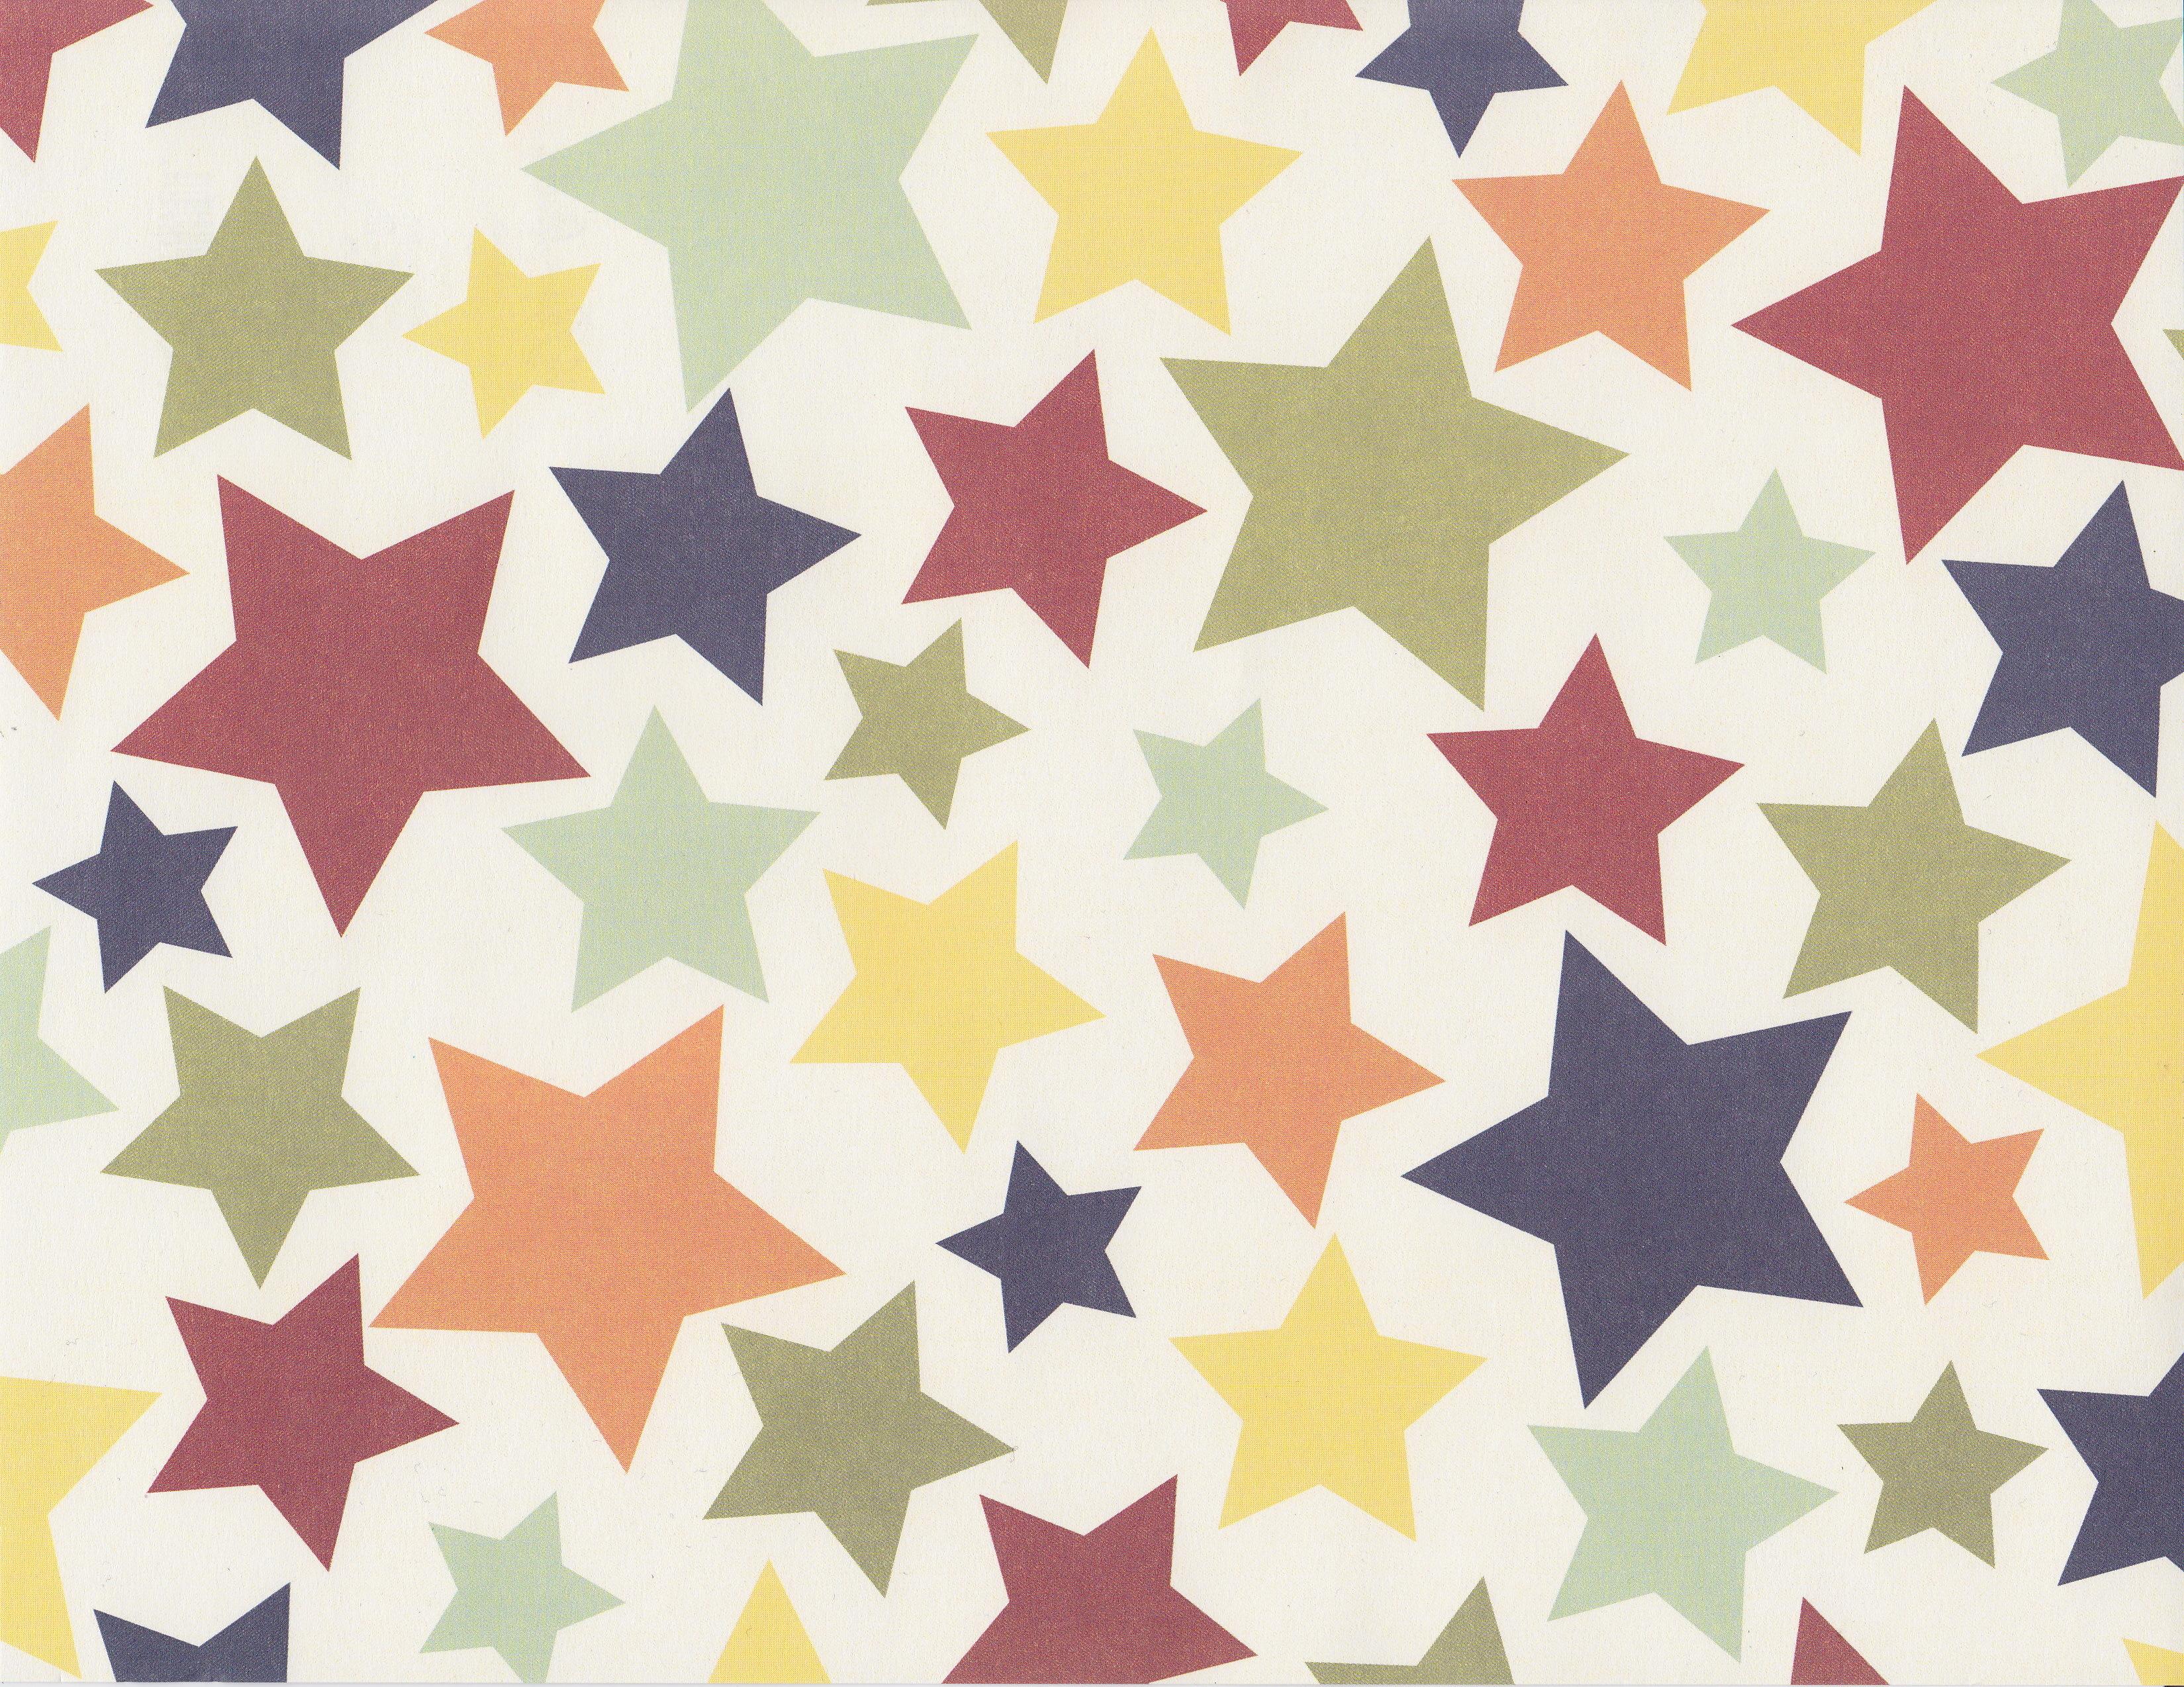 разноцветные звезды без смс